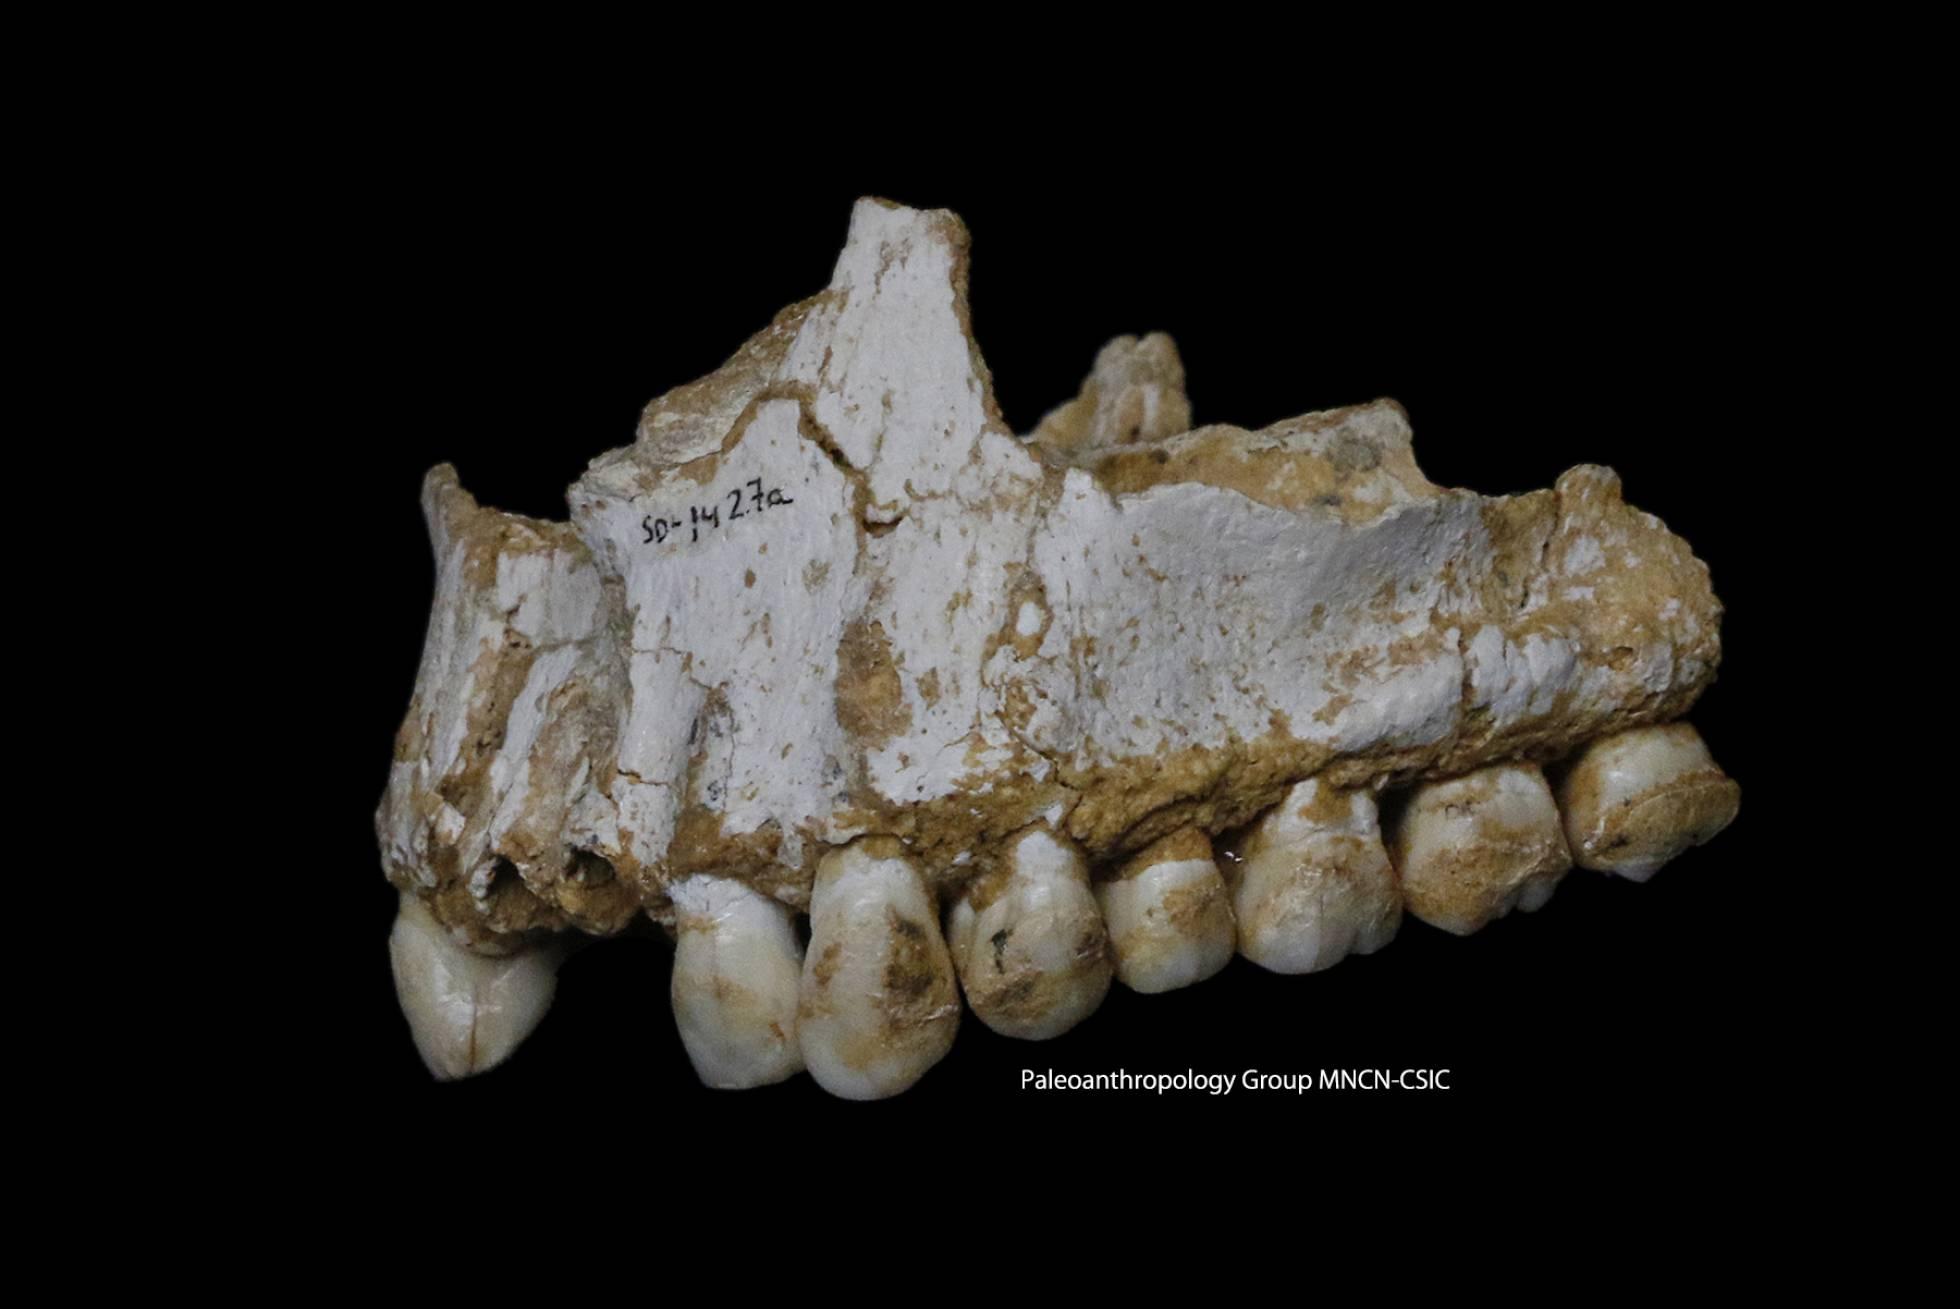 La alimentación de los neandertales de la cueva de El Sidrón (Asturias): setas, piñones y musgo. [Historia] 1488991377_990681_1488992501_sumario_normal_recorte1